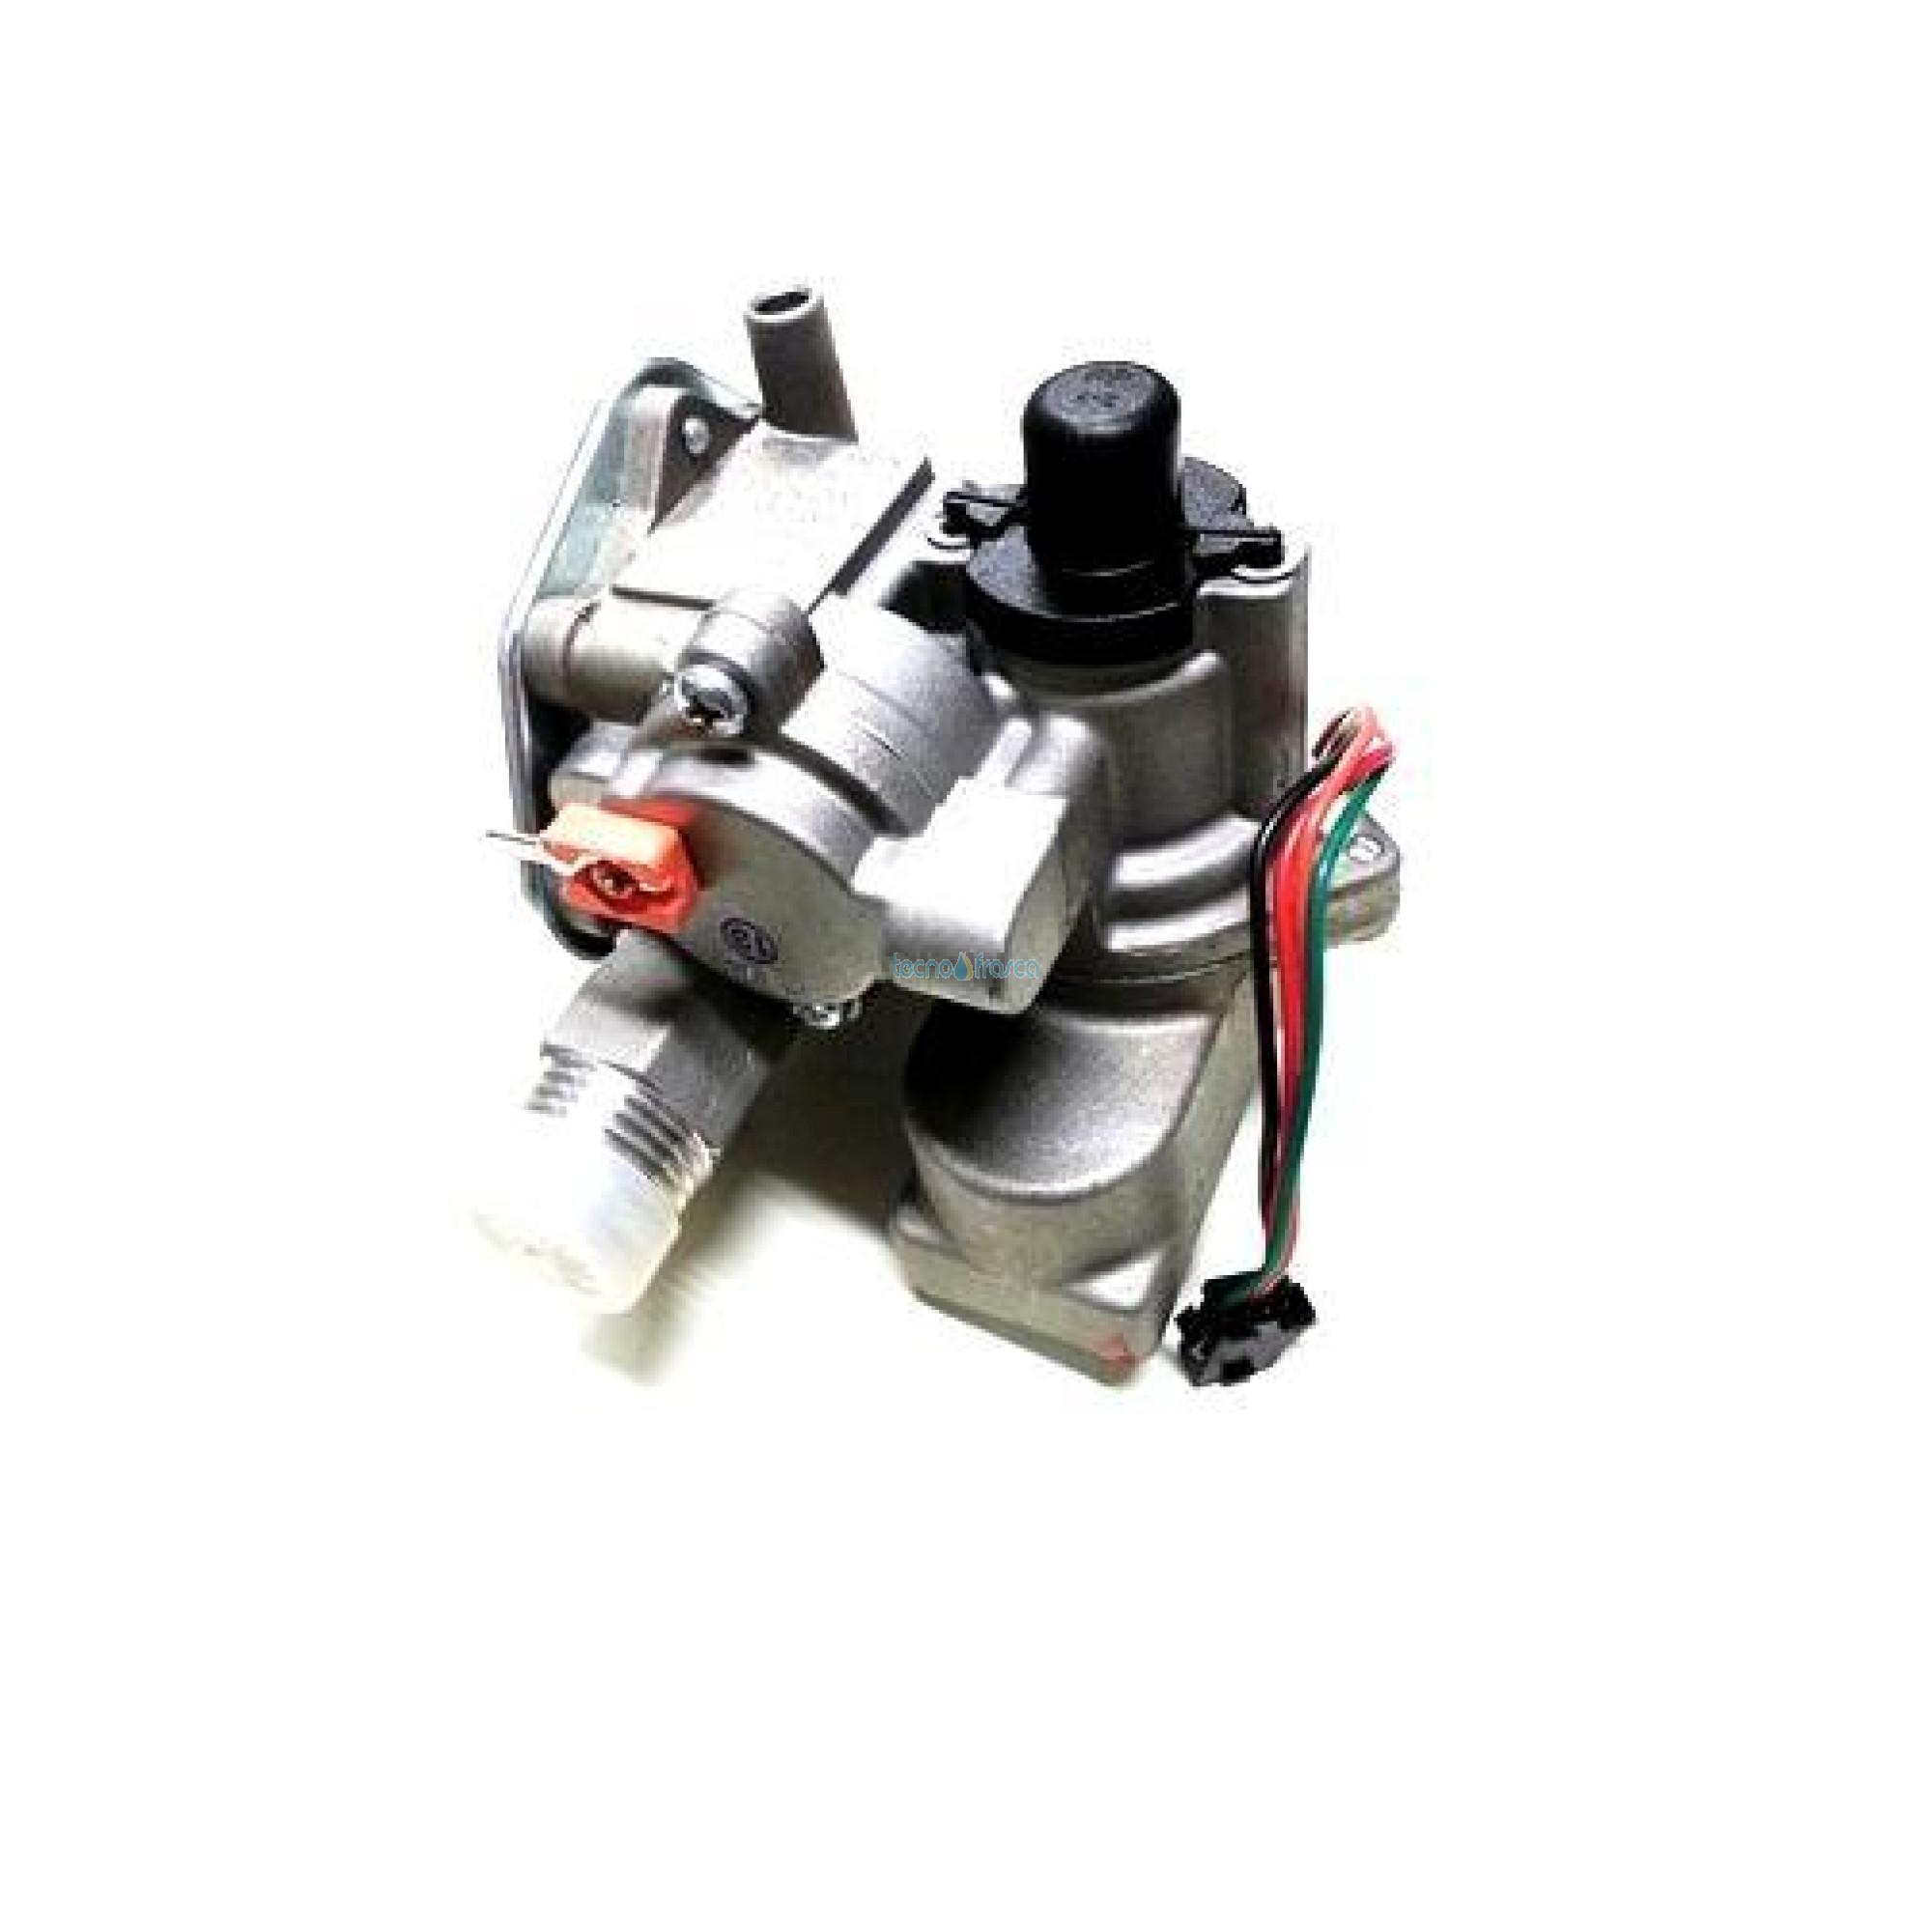 Ariston valvola gas nf 65152054